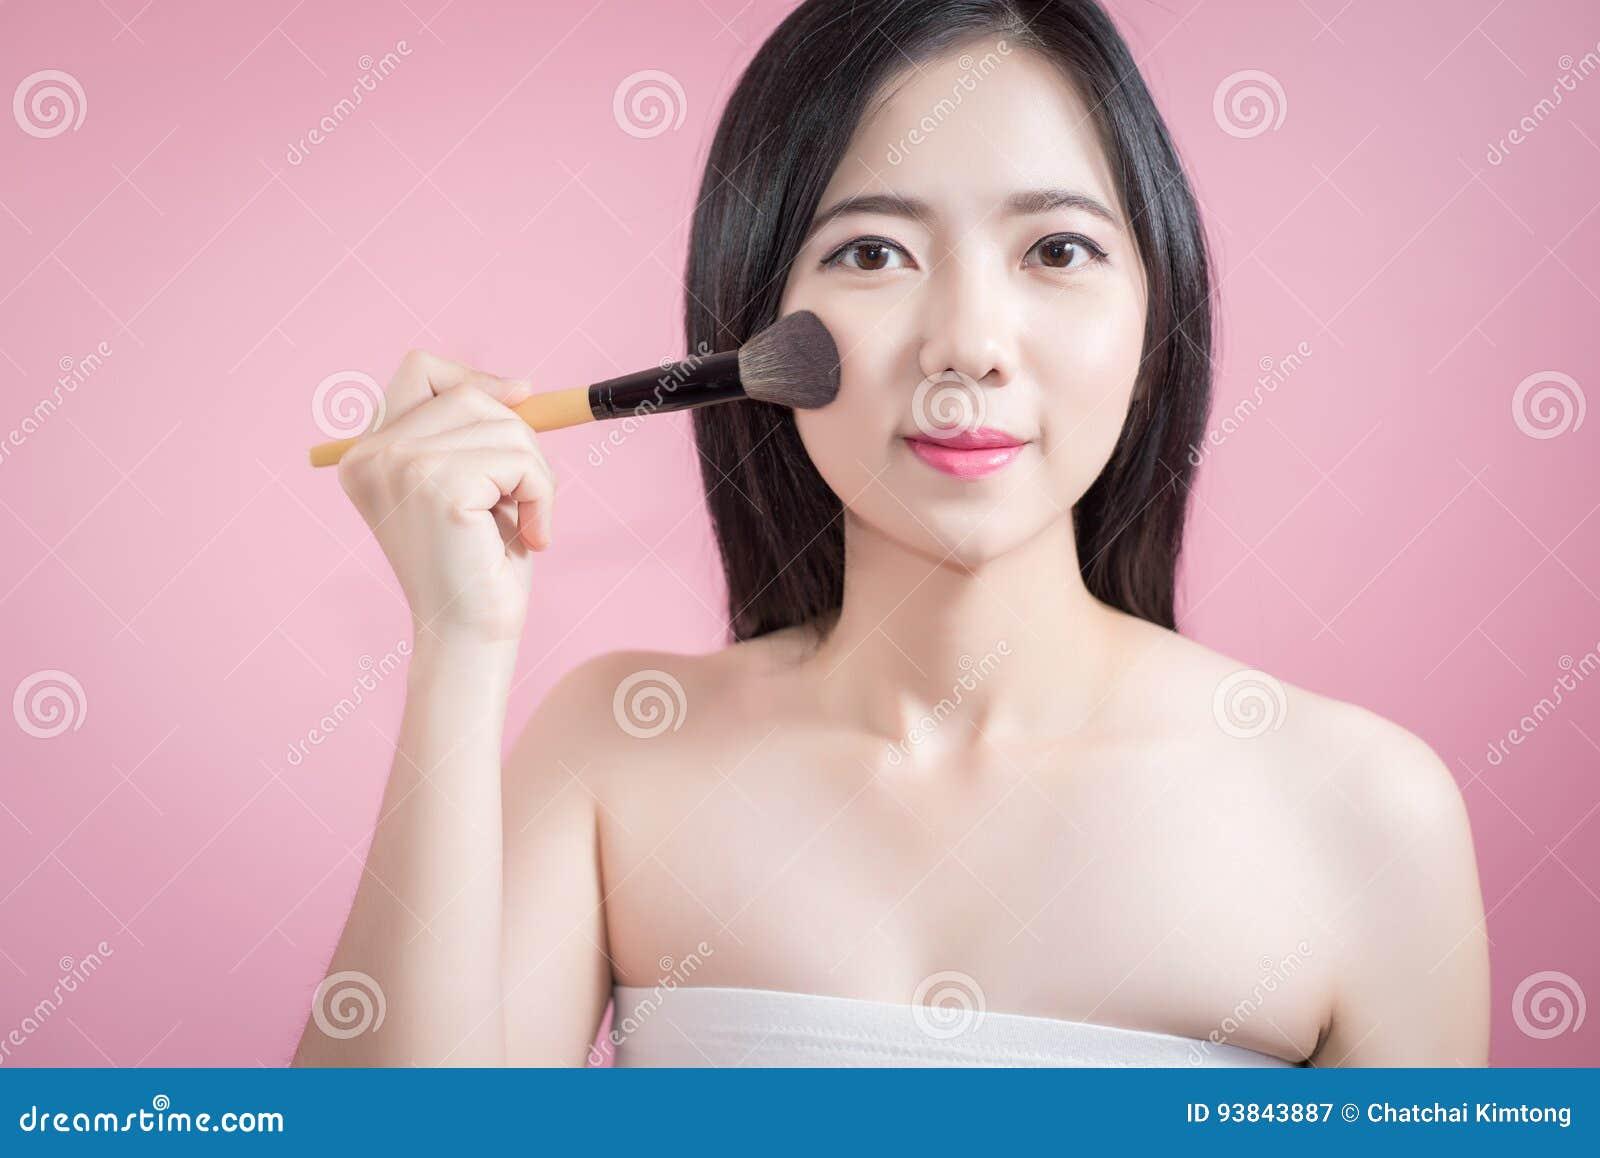 Femme asiatique de longs cheveux jeune belle appliquant la brosse cosmétique de poudre sur le visage lisse au-dessus du fond rose